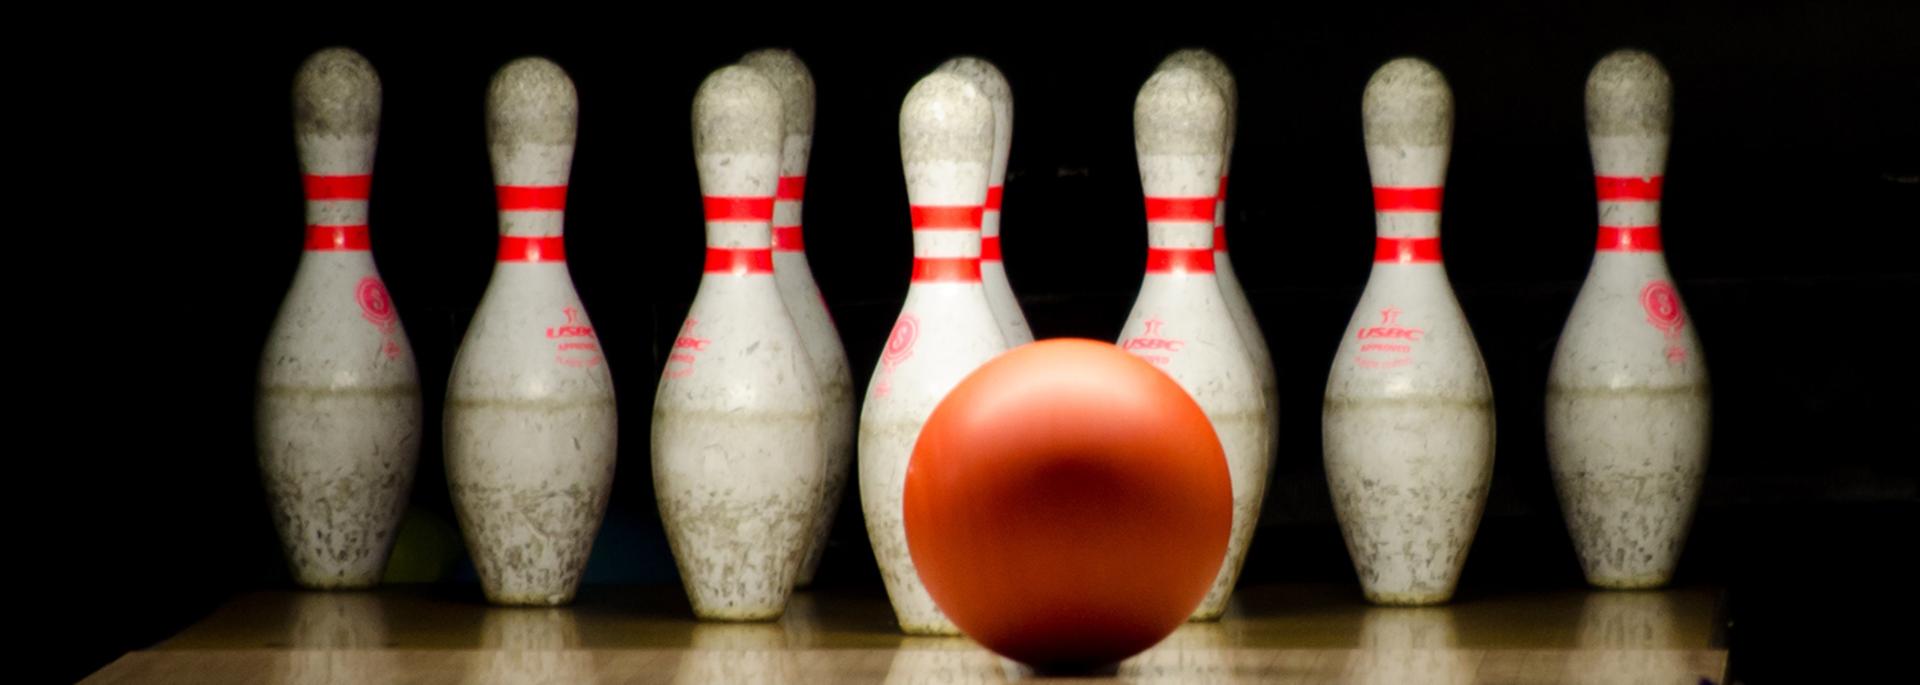 Illustration d'une partie de bowling